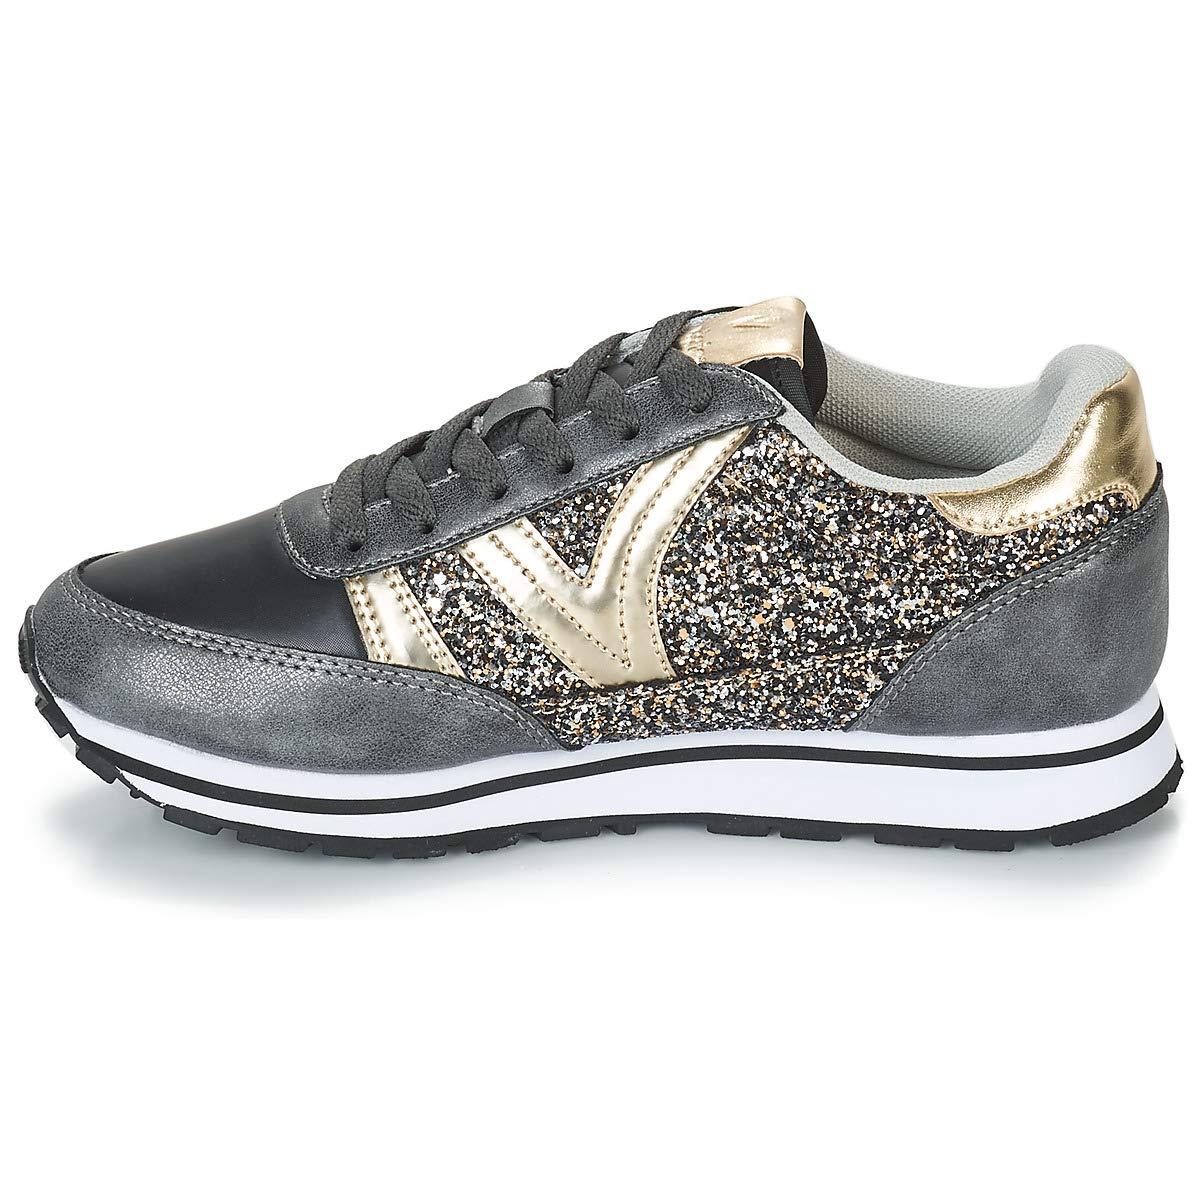 Victoria Victoria Victoria Jogging Glitter schwarz 141113schwarz Turnschuhe f28800